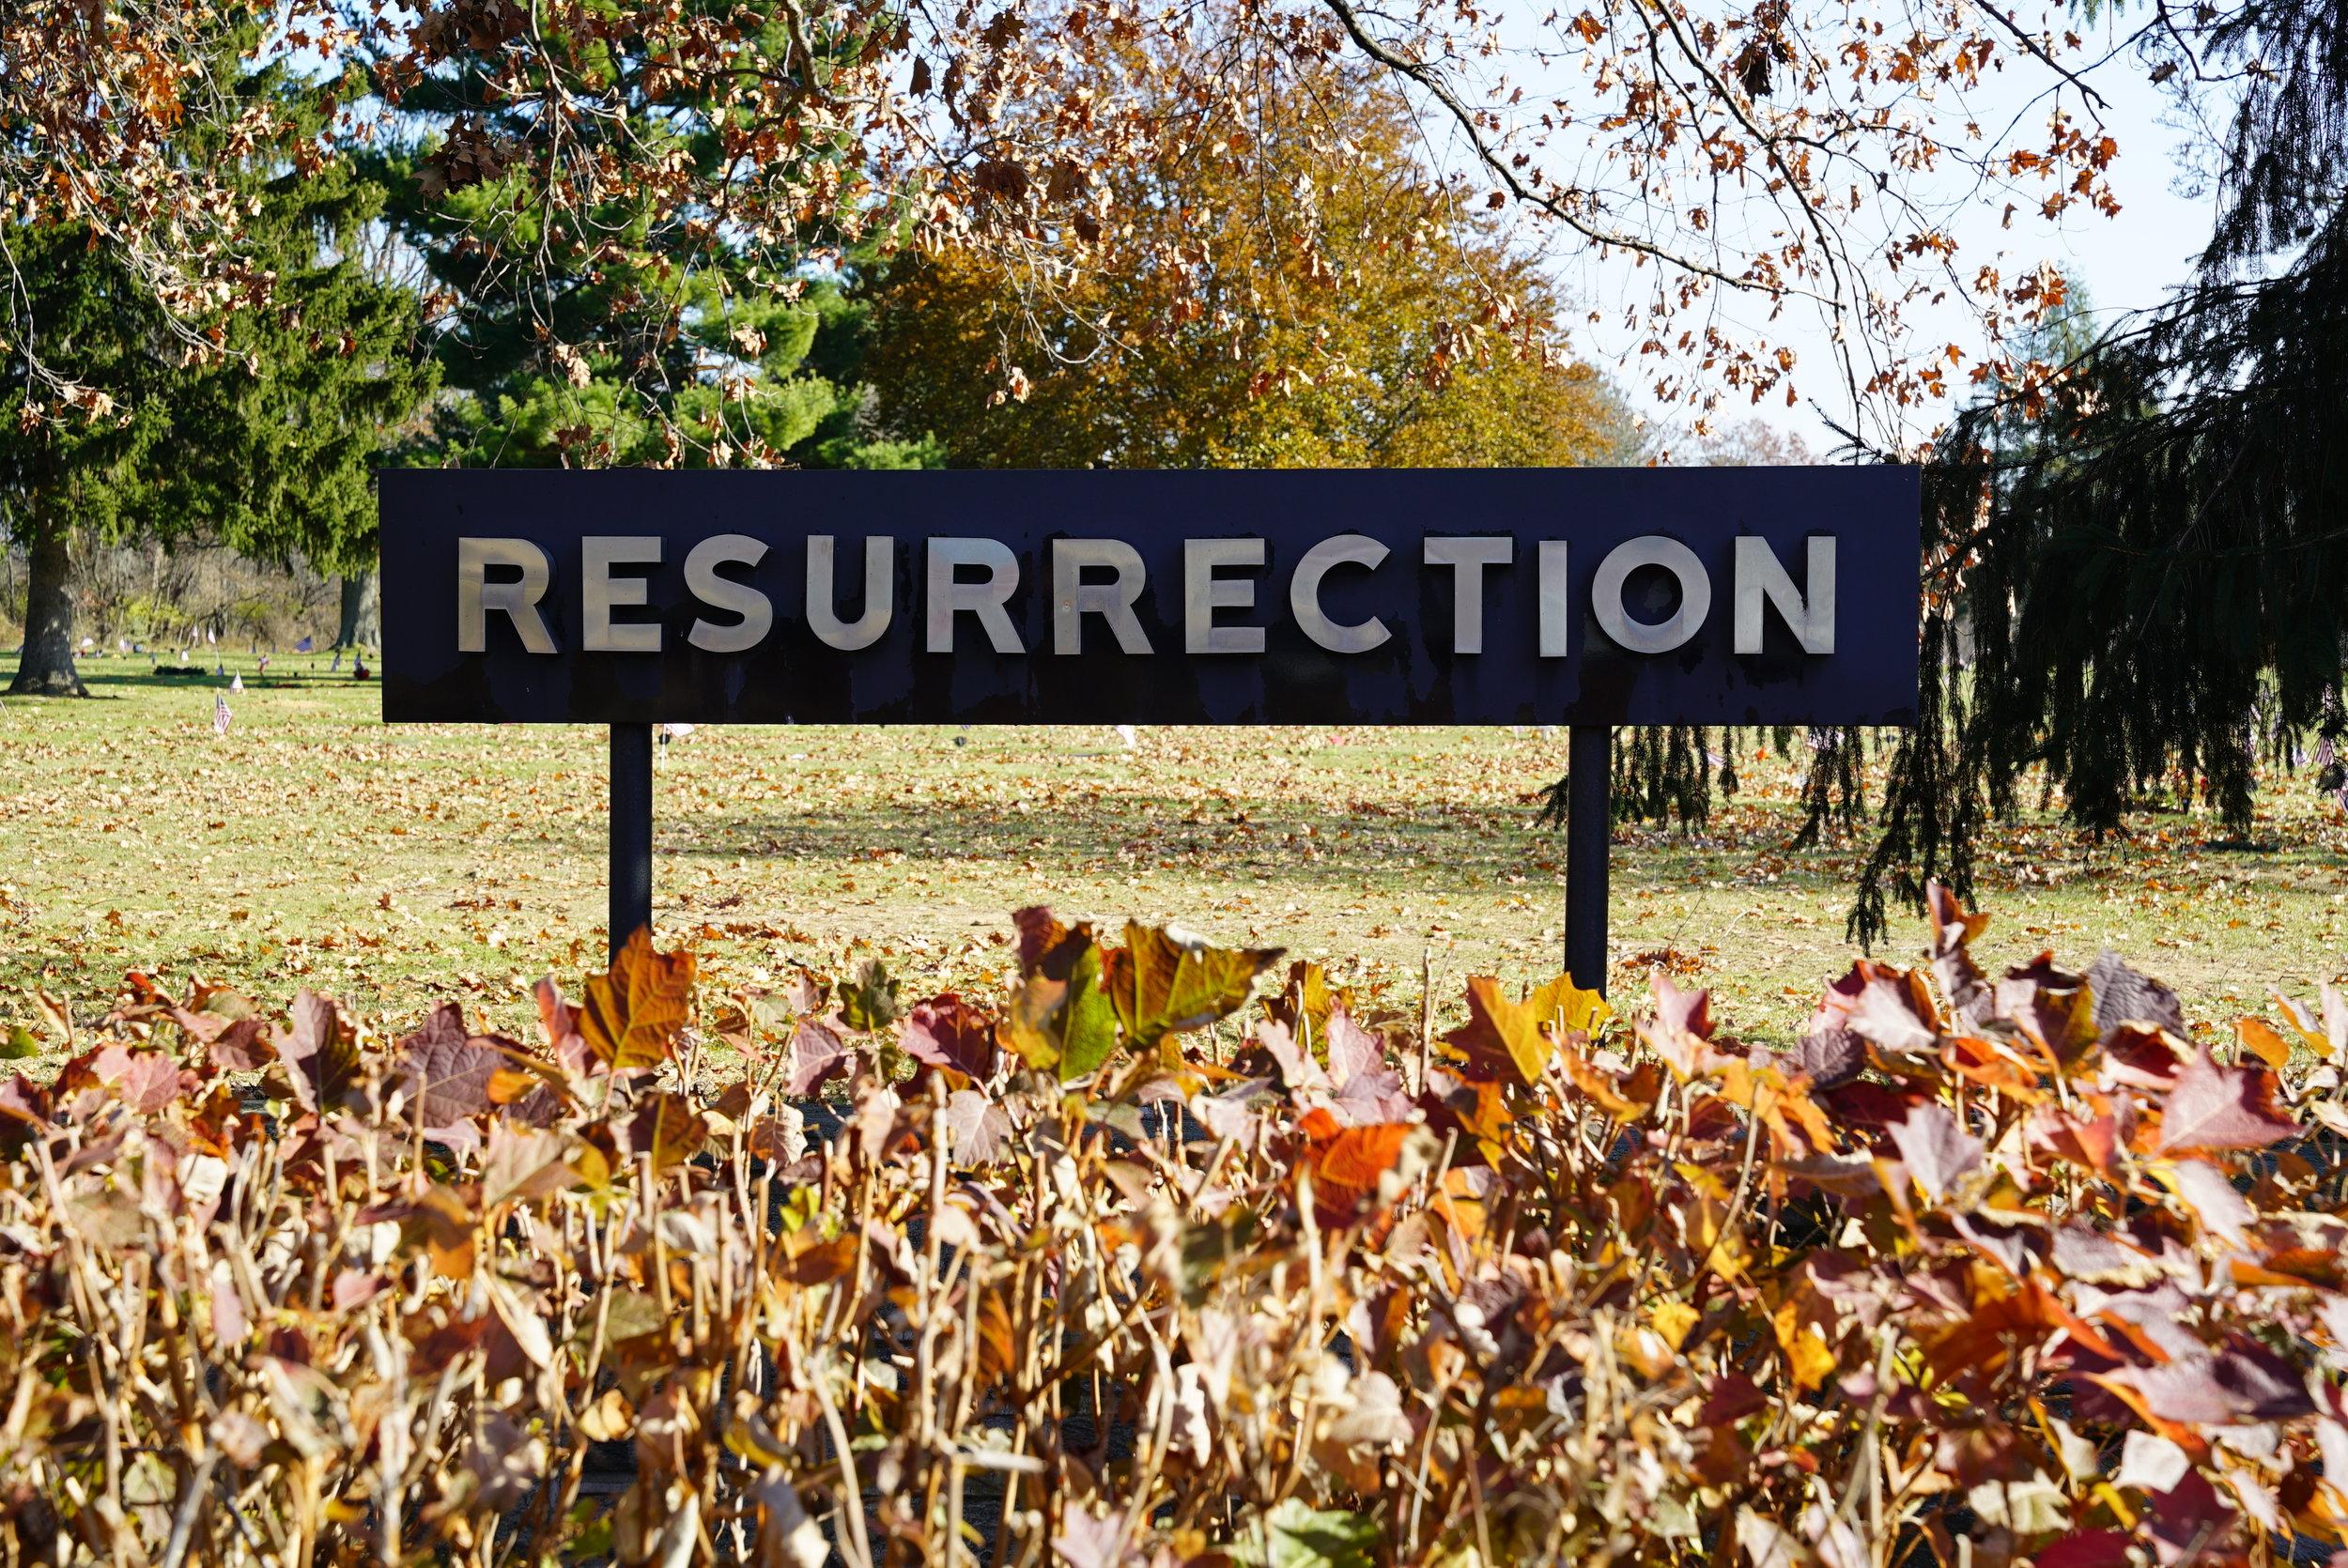 Sign a the entrance to Resurrection Cemetery. Bensalem, Pennsylvania.